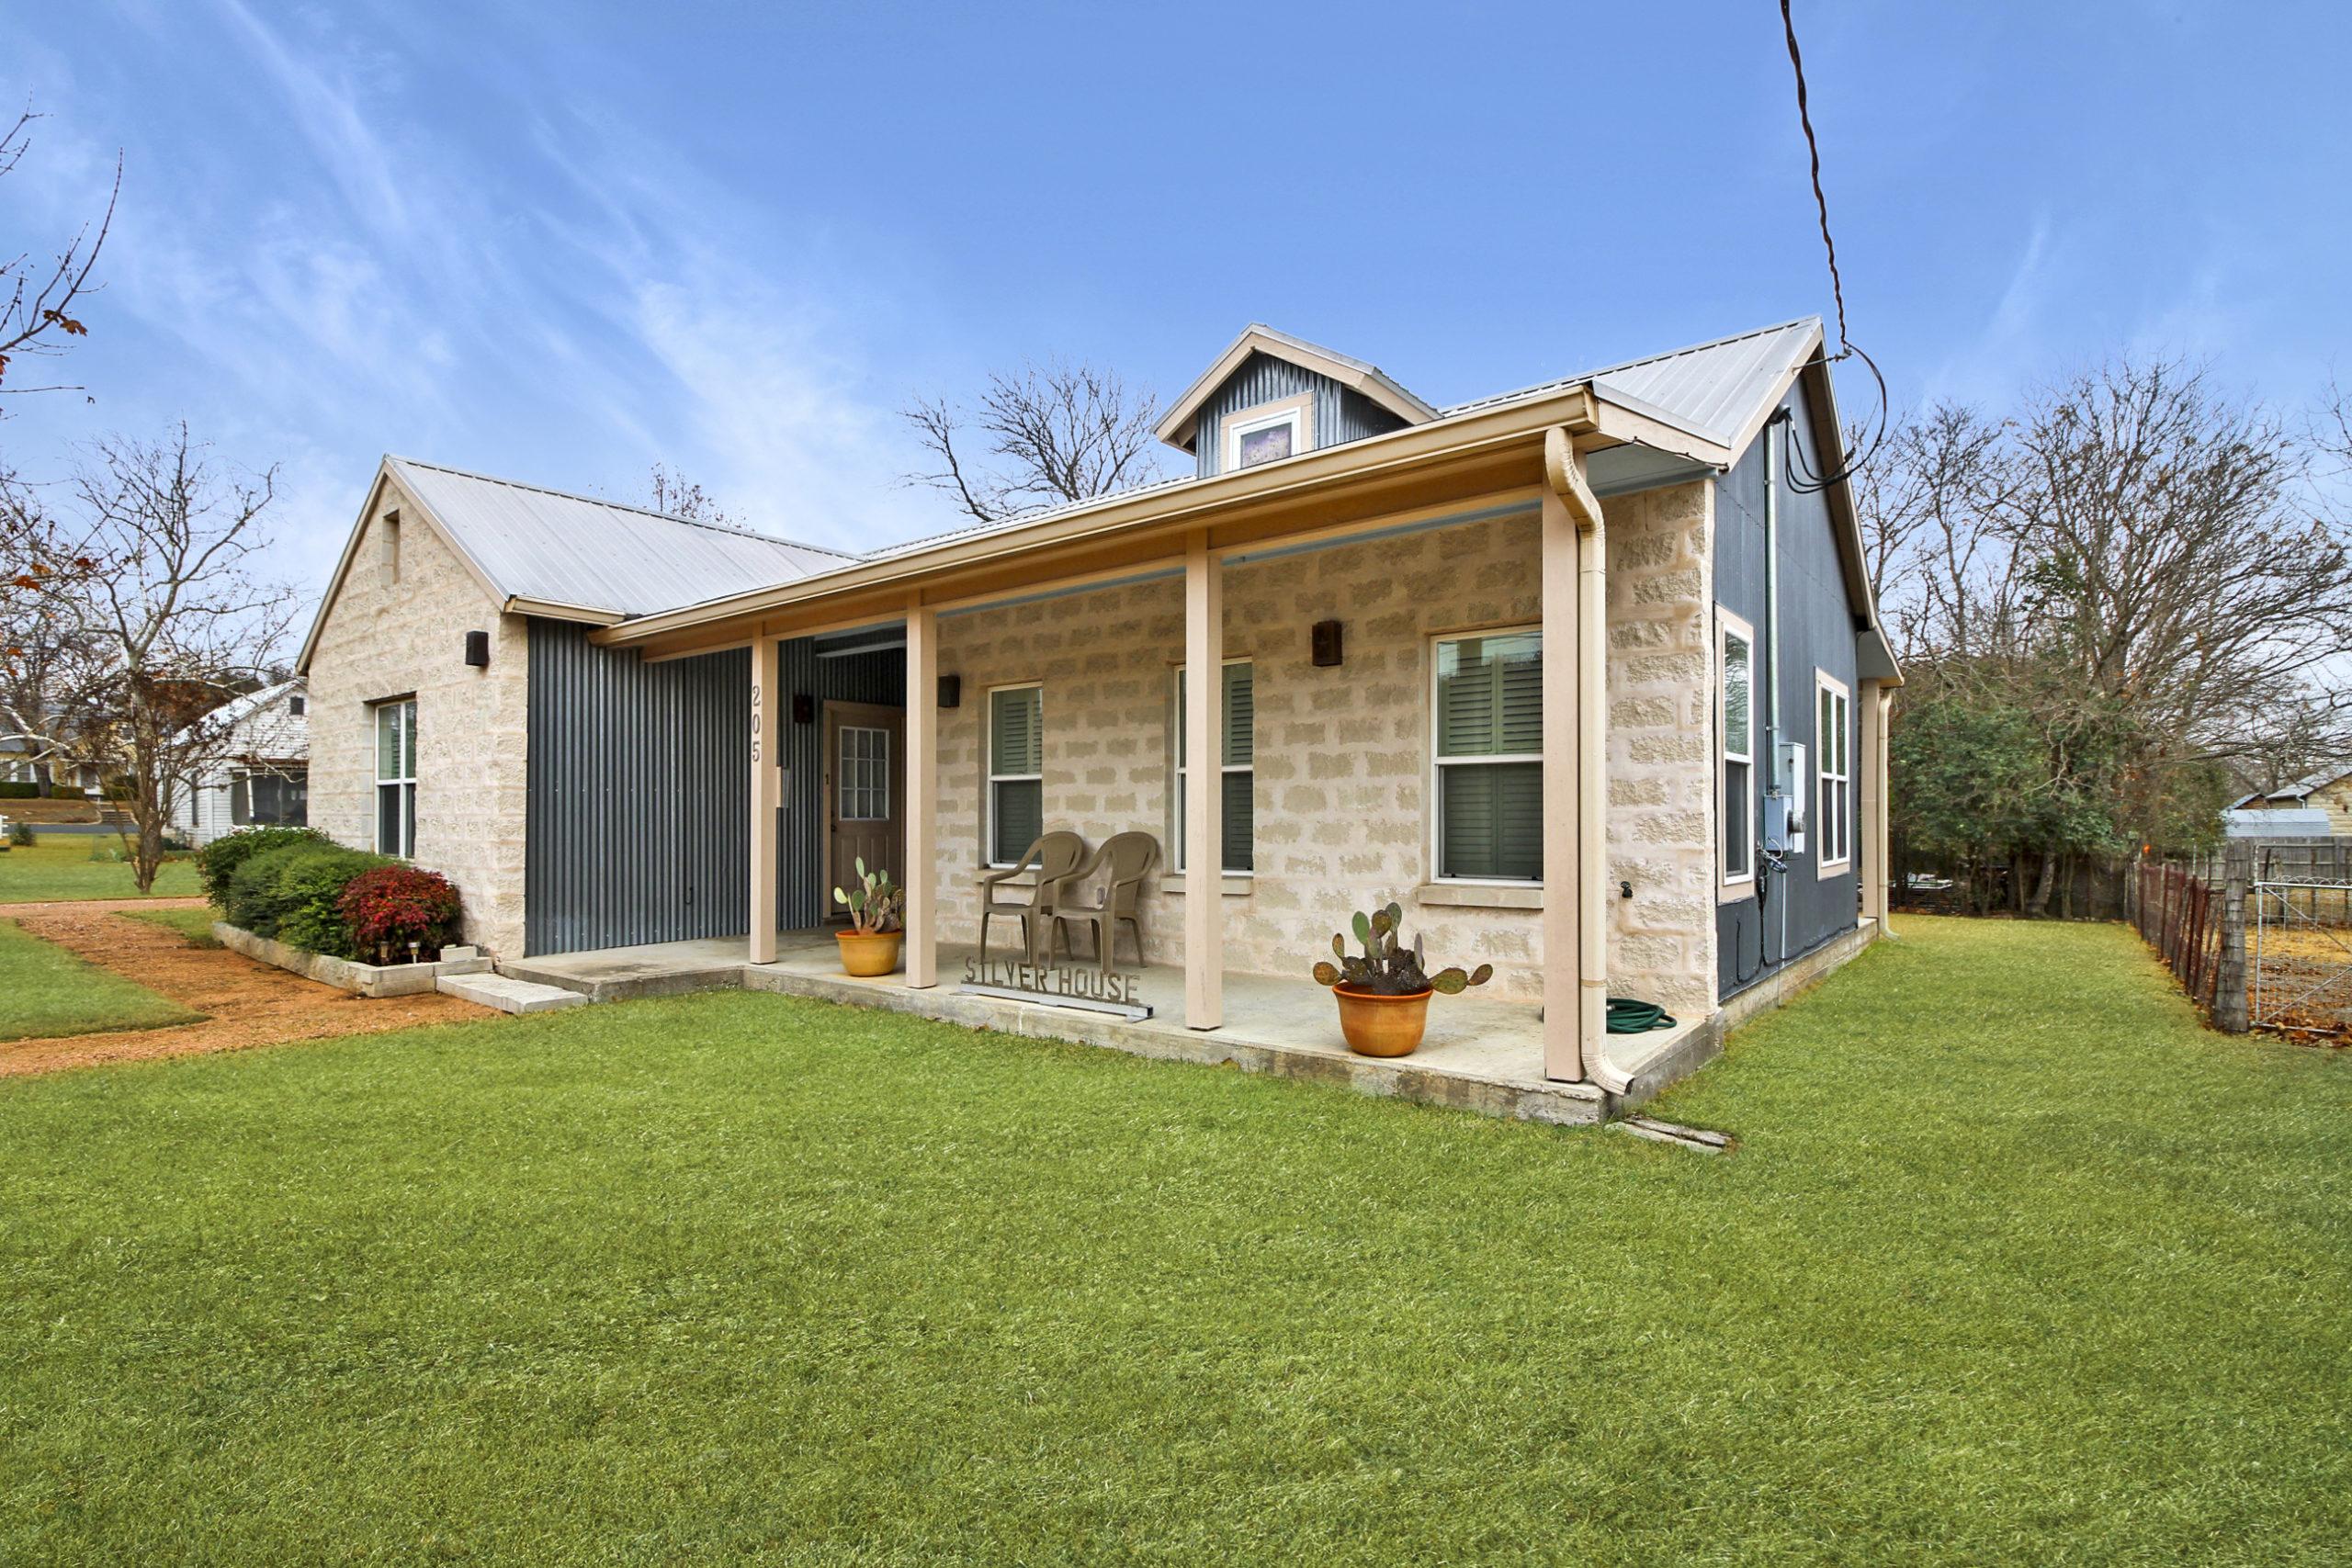 205 S Acorn Fredericksburg TX Home for Sale